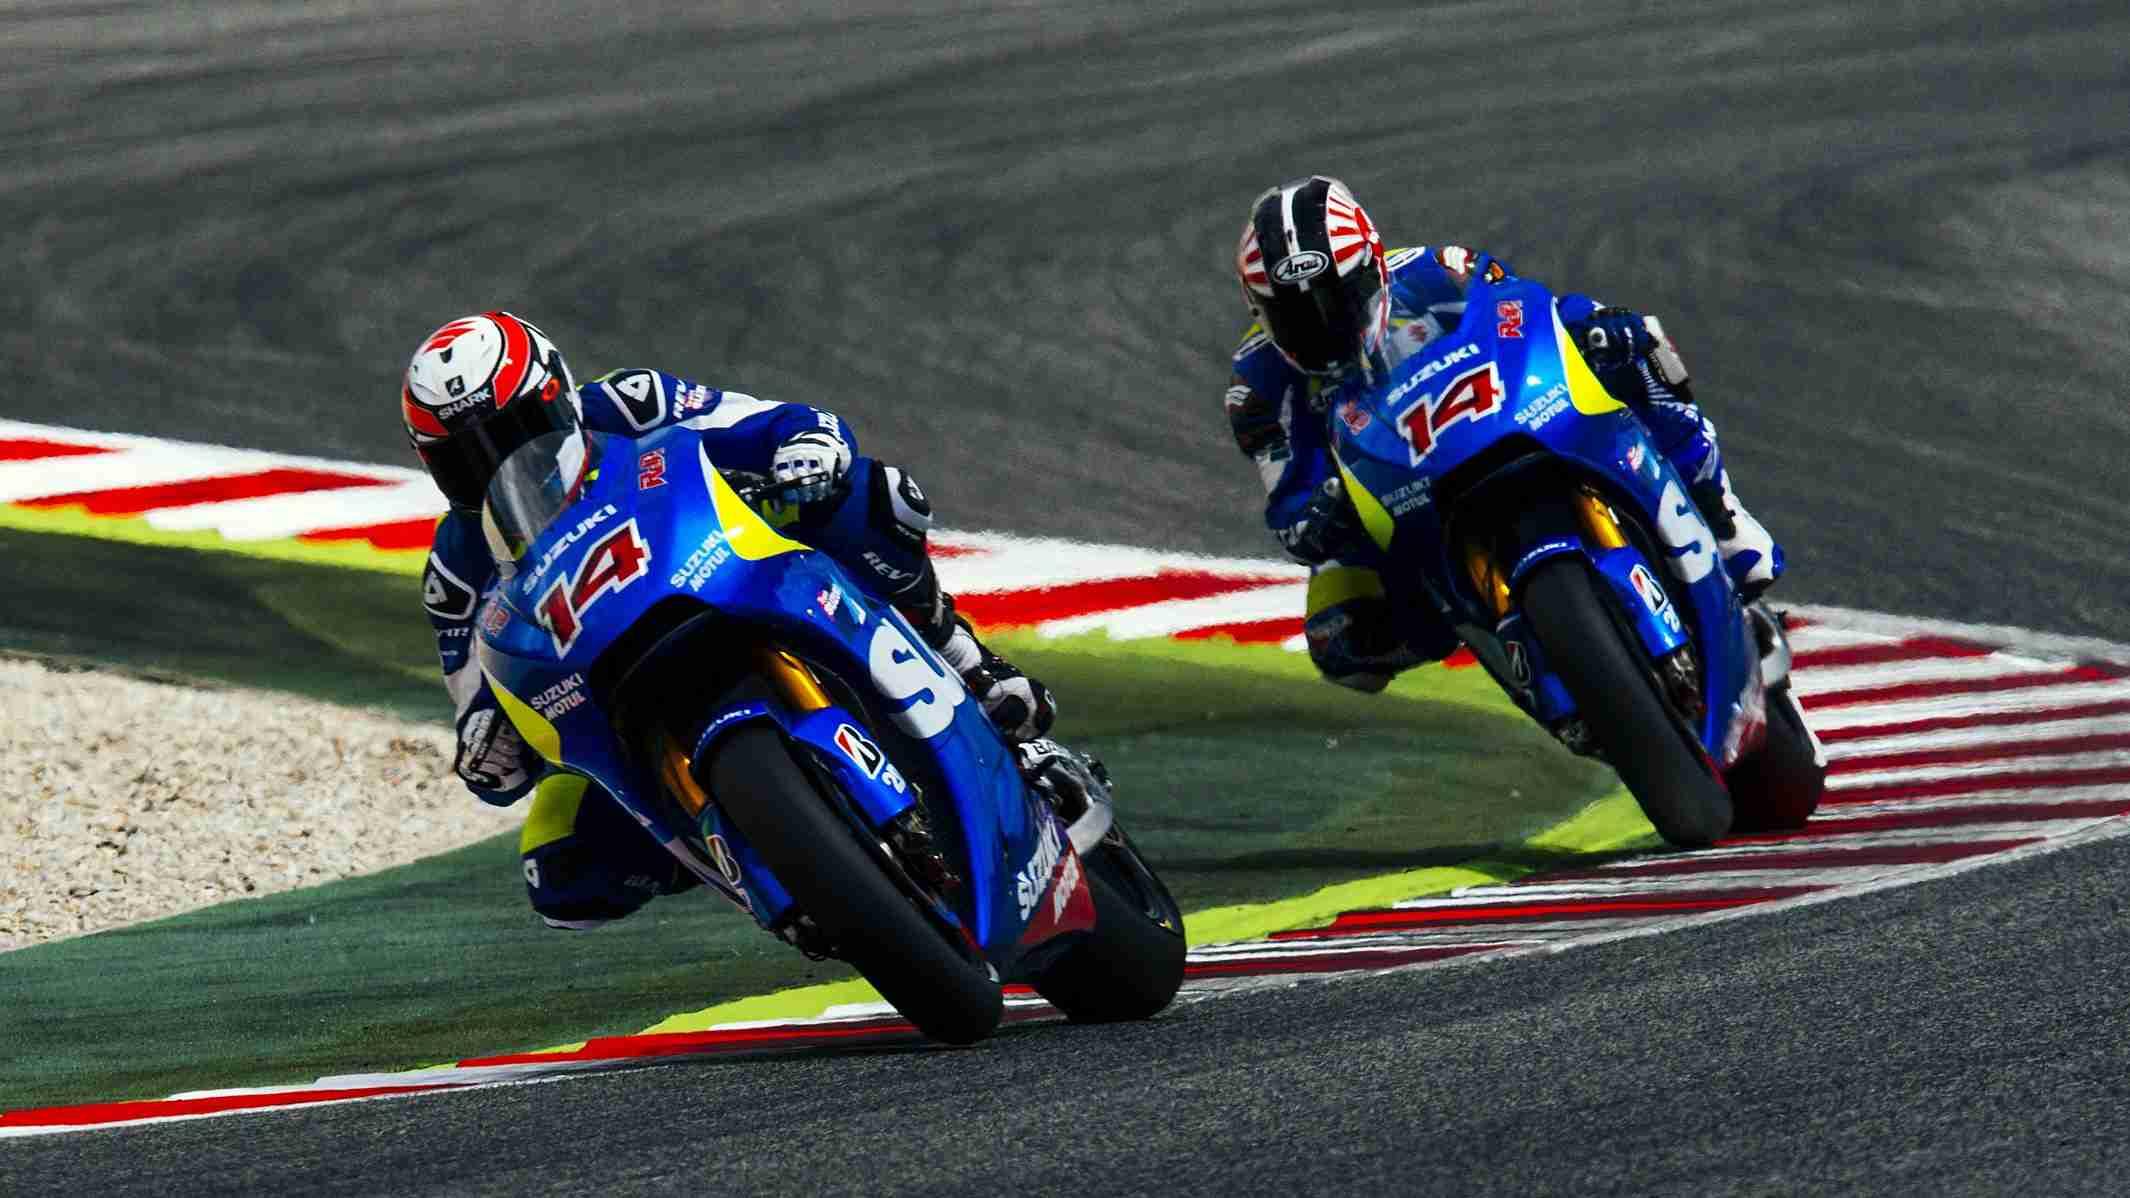 Suzuki MotoGP randy de puniet